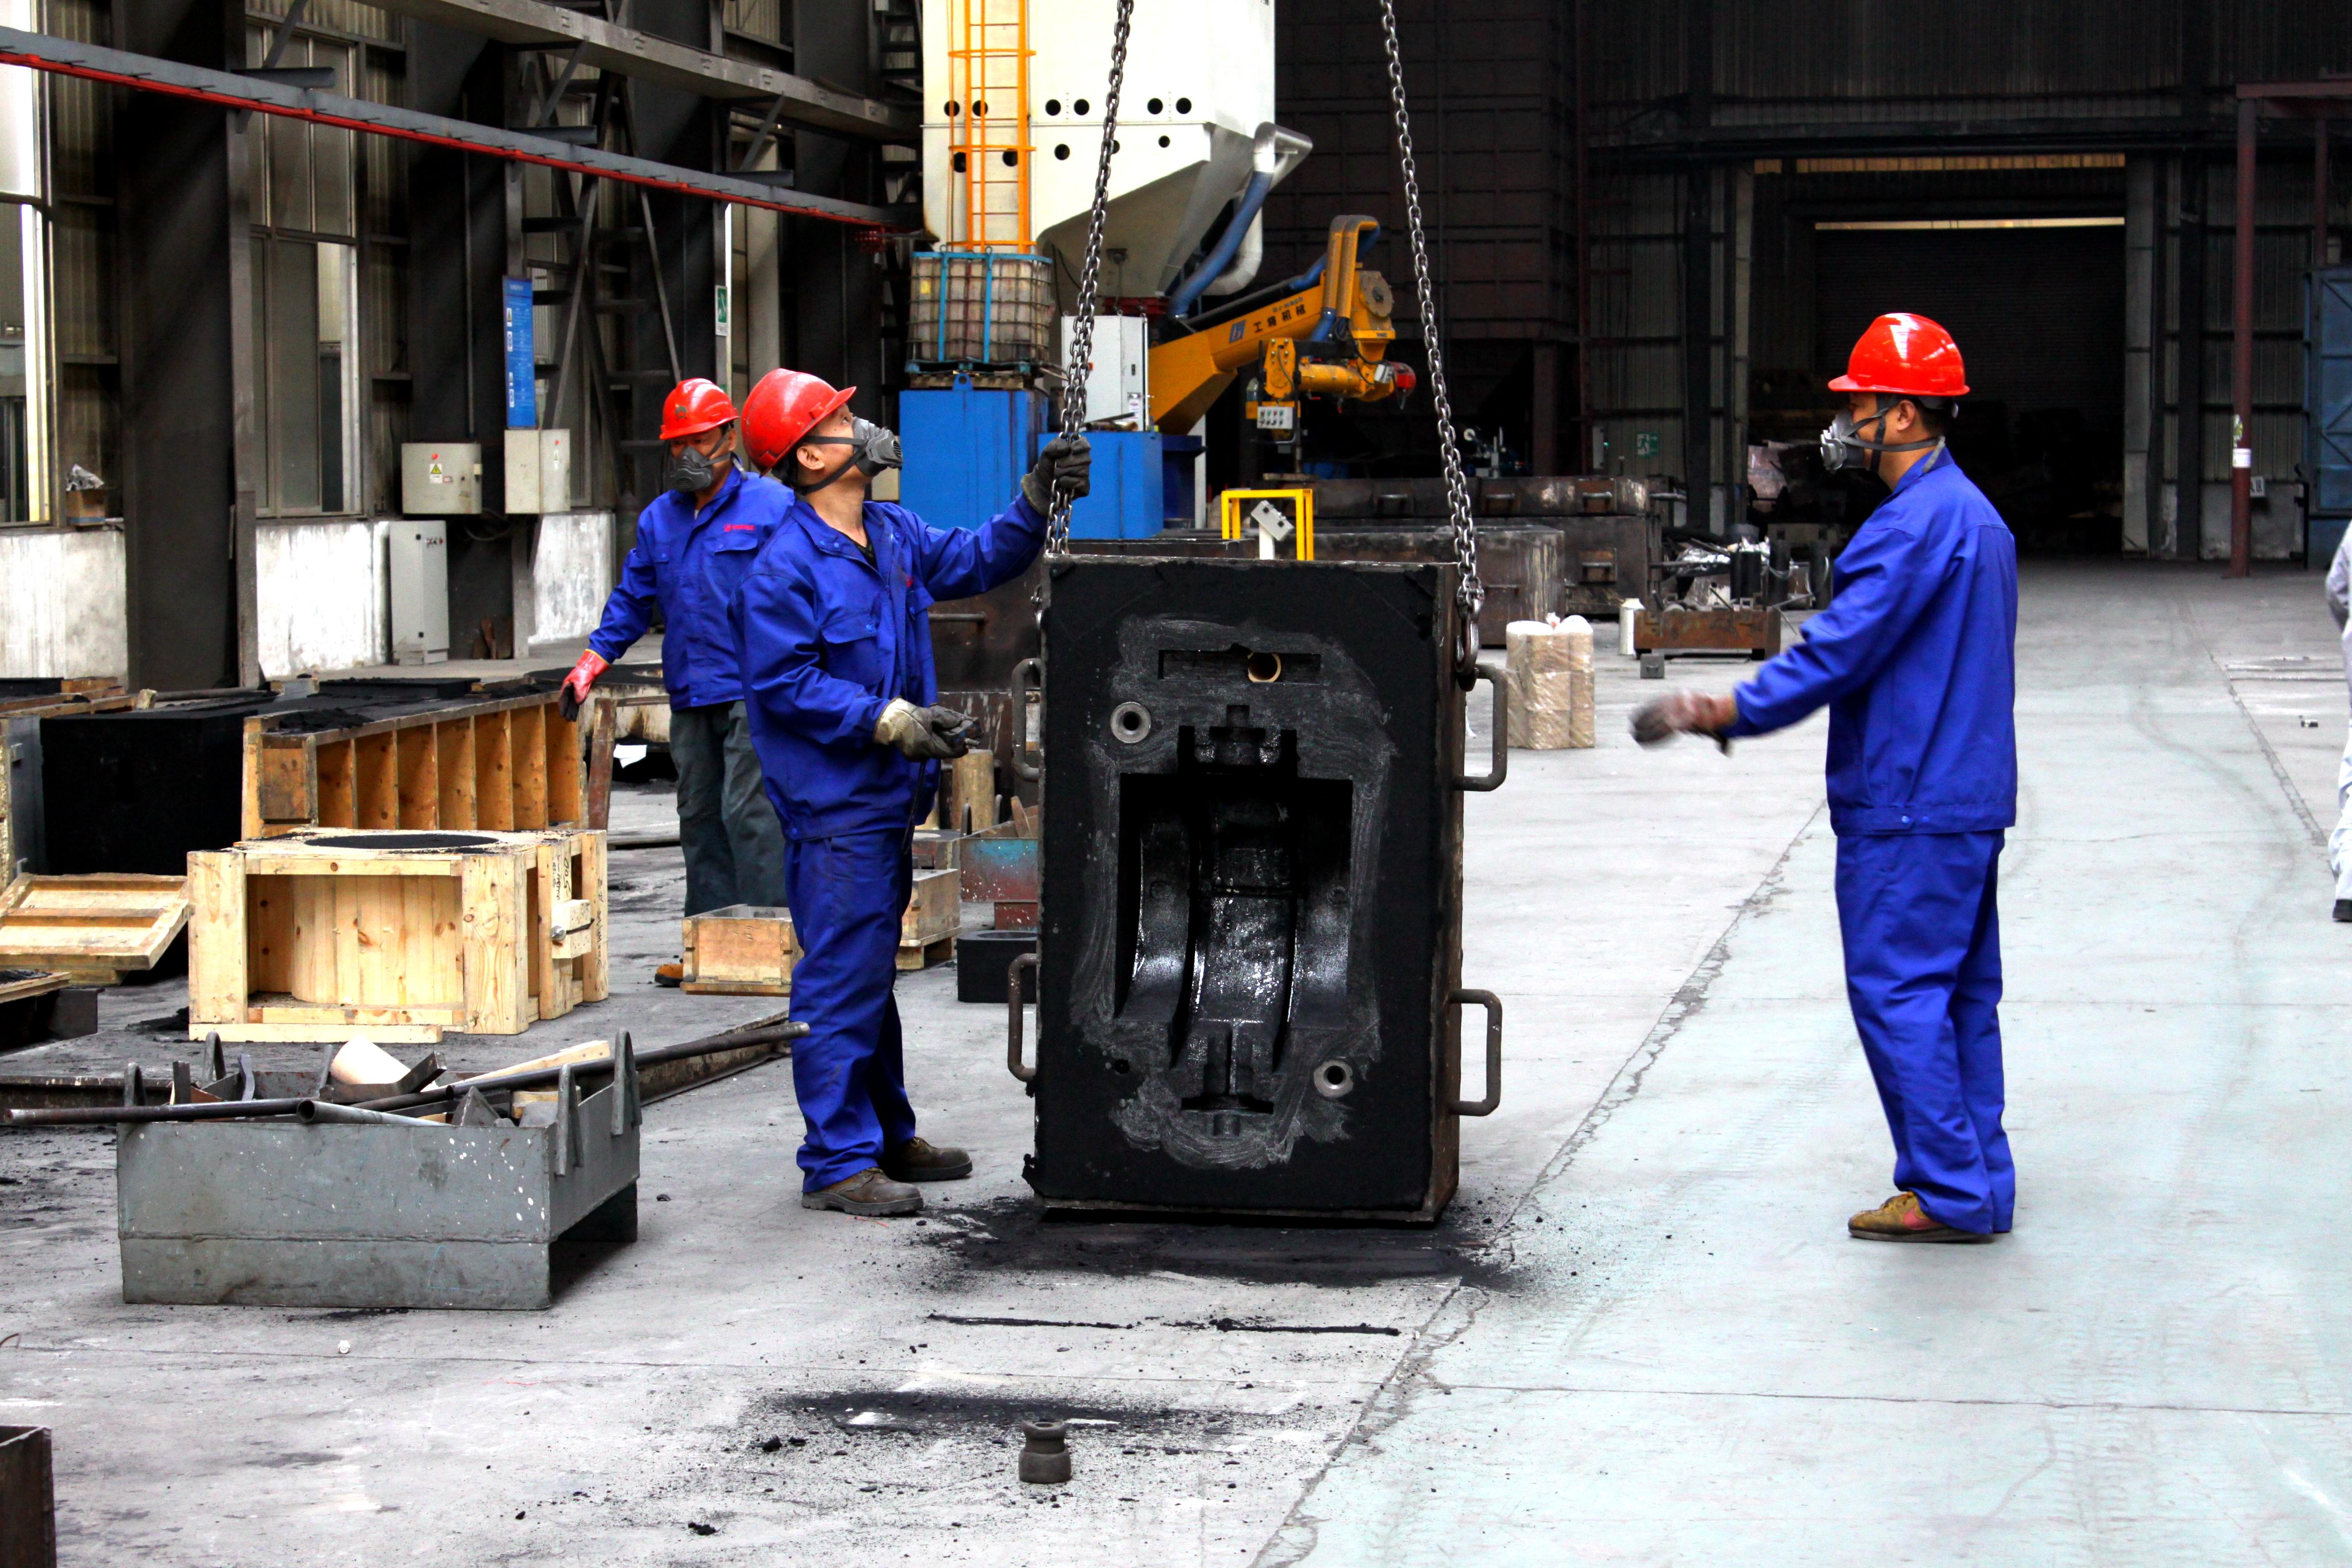 金属凝固过程中对阀门铸件的影响